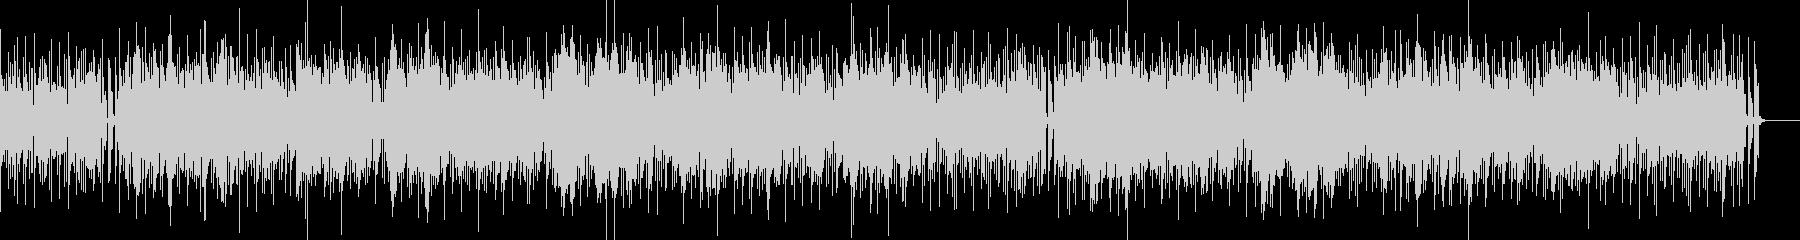 シンセサウンドのボサノバの未再生の波形